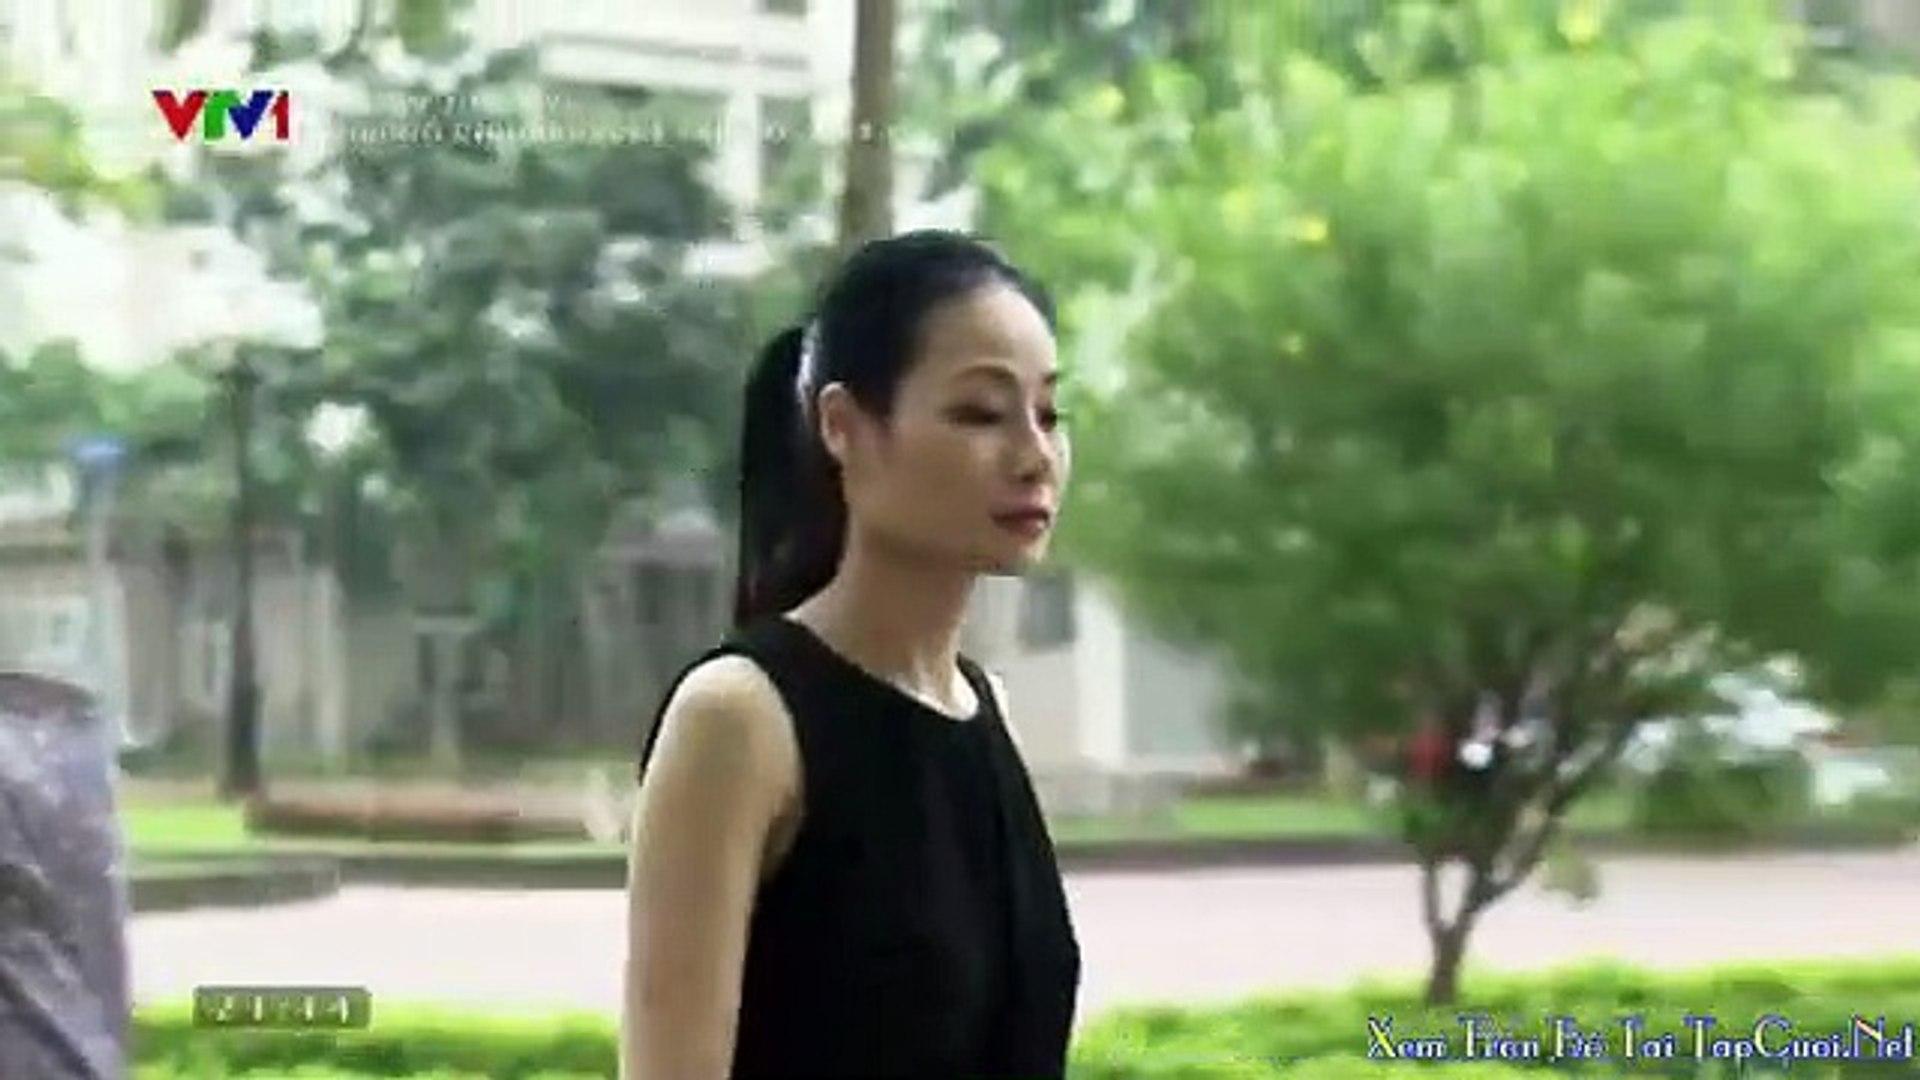 Sống Chung Với Mẹ Chồng Tập 28 - Xem phim Sống Chung Với Mẹ Chồng - VTV1 - Sống Chung Với Mẹ Chồng -